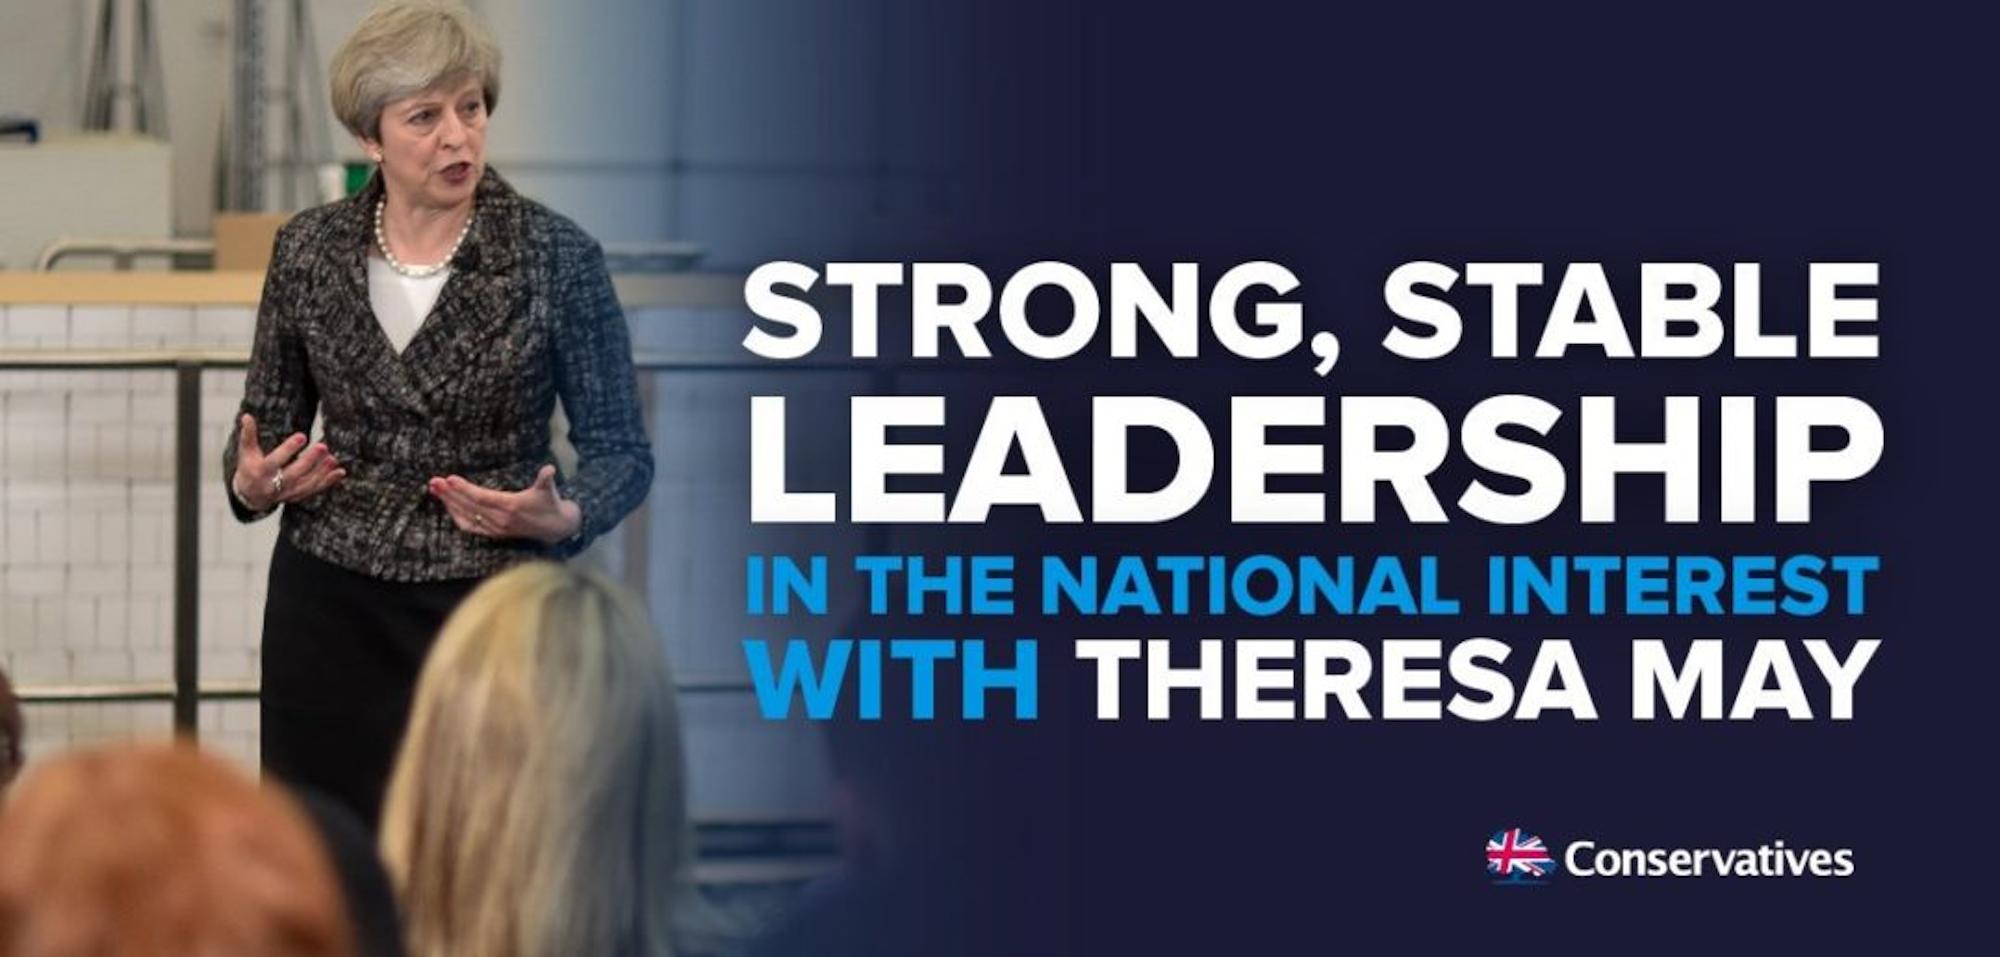 Egyesült Királyság: Conservative Party (Konzervatív Párt) 'Erős, stabil vezetés a nemzet érdekében Theresa May-jel.'<br />